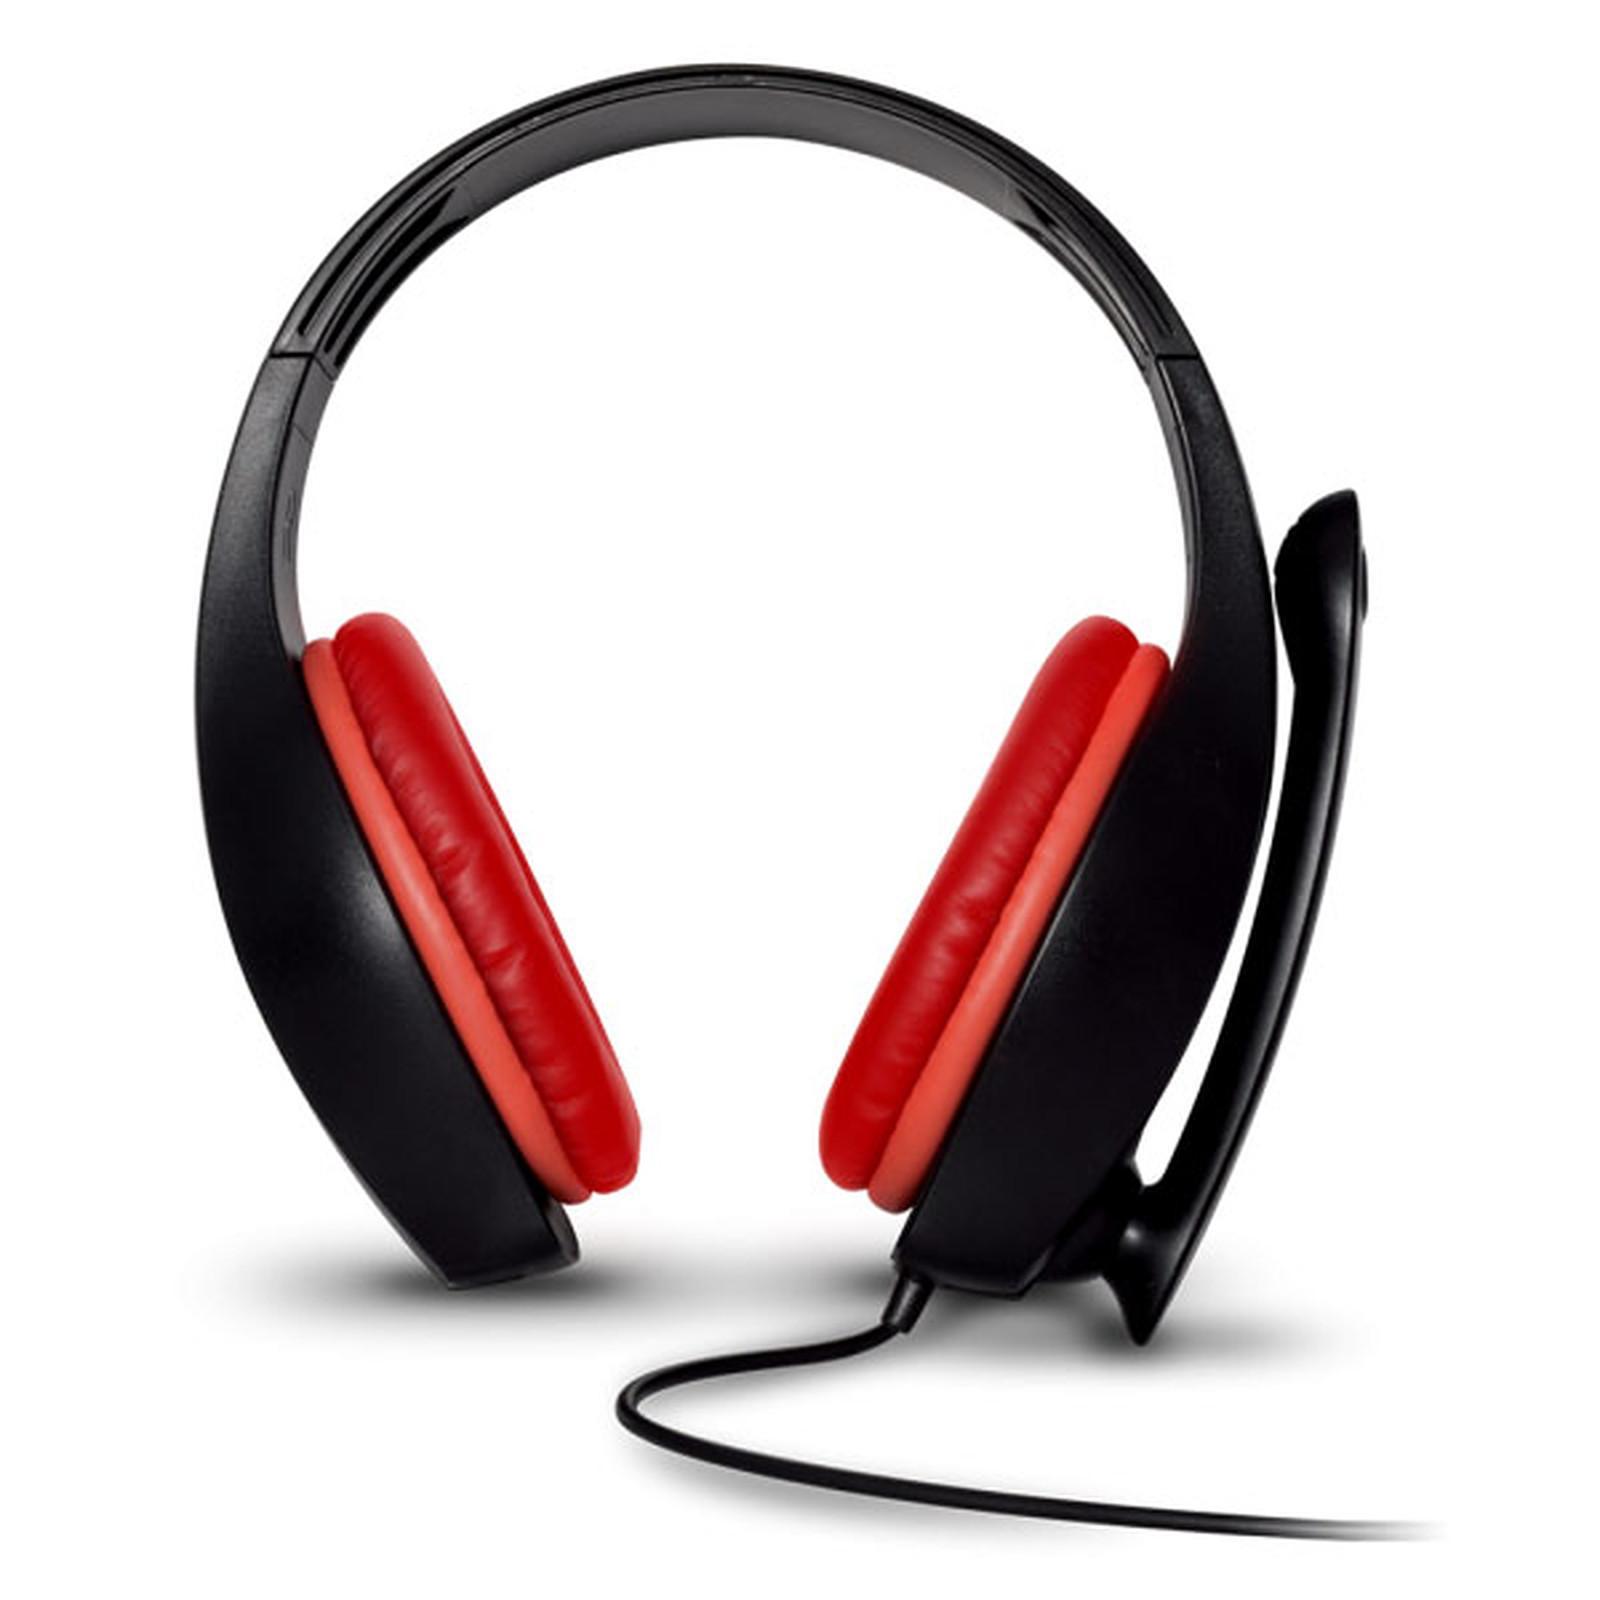 Casque réducteur de bruit gaming Filaire avec Micro Spirit Of Gamer Pro-NH5 - Noir/Rouge